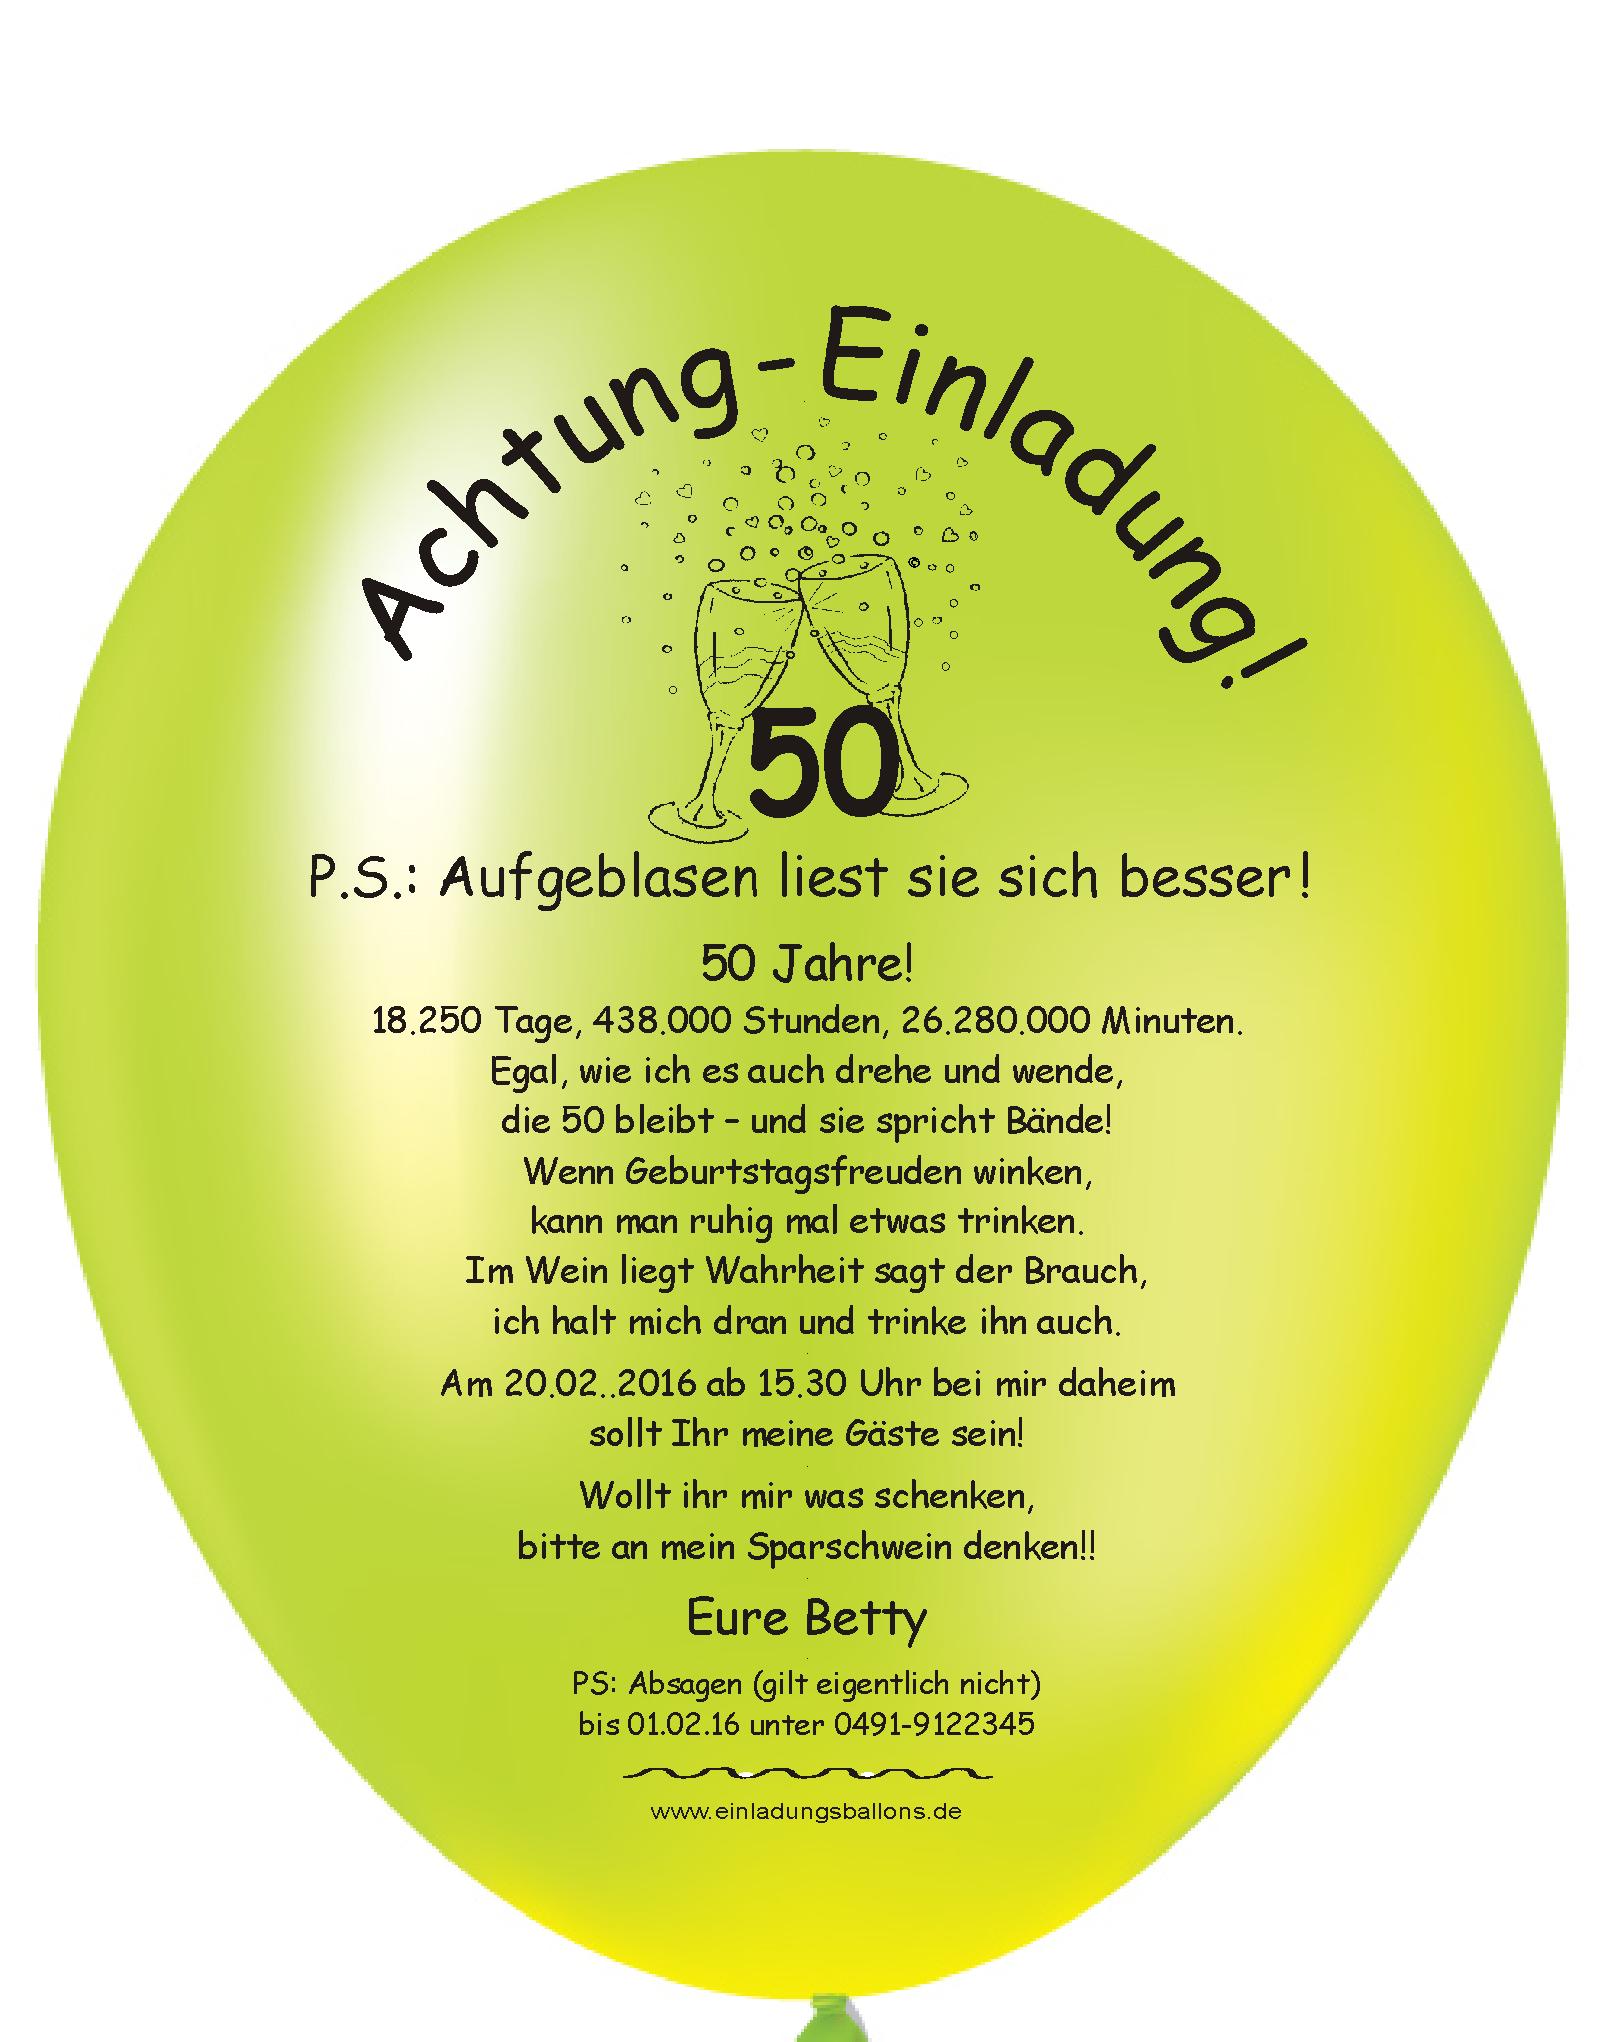 Zum 50 Geburtstag Kurze Spruche Lustig Oder Liebevoll In 2020 Spruche Zum 60 Geburtstag Spruche Zum 50 Geburtstag 60 Geburtstag Spruch